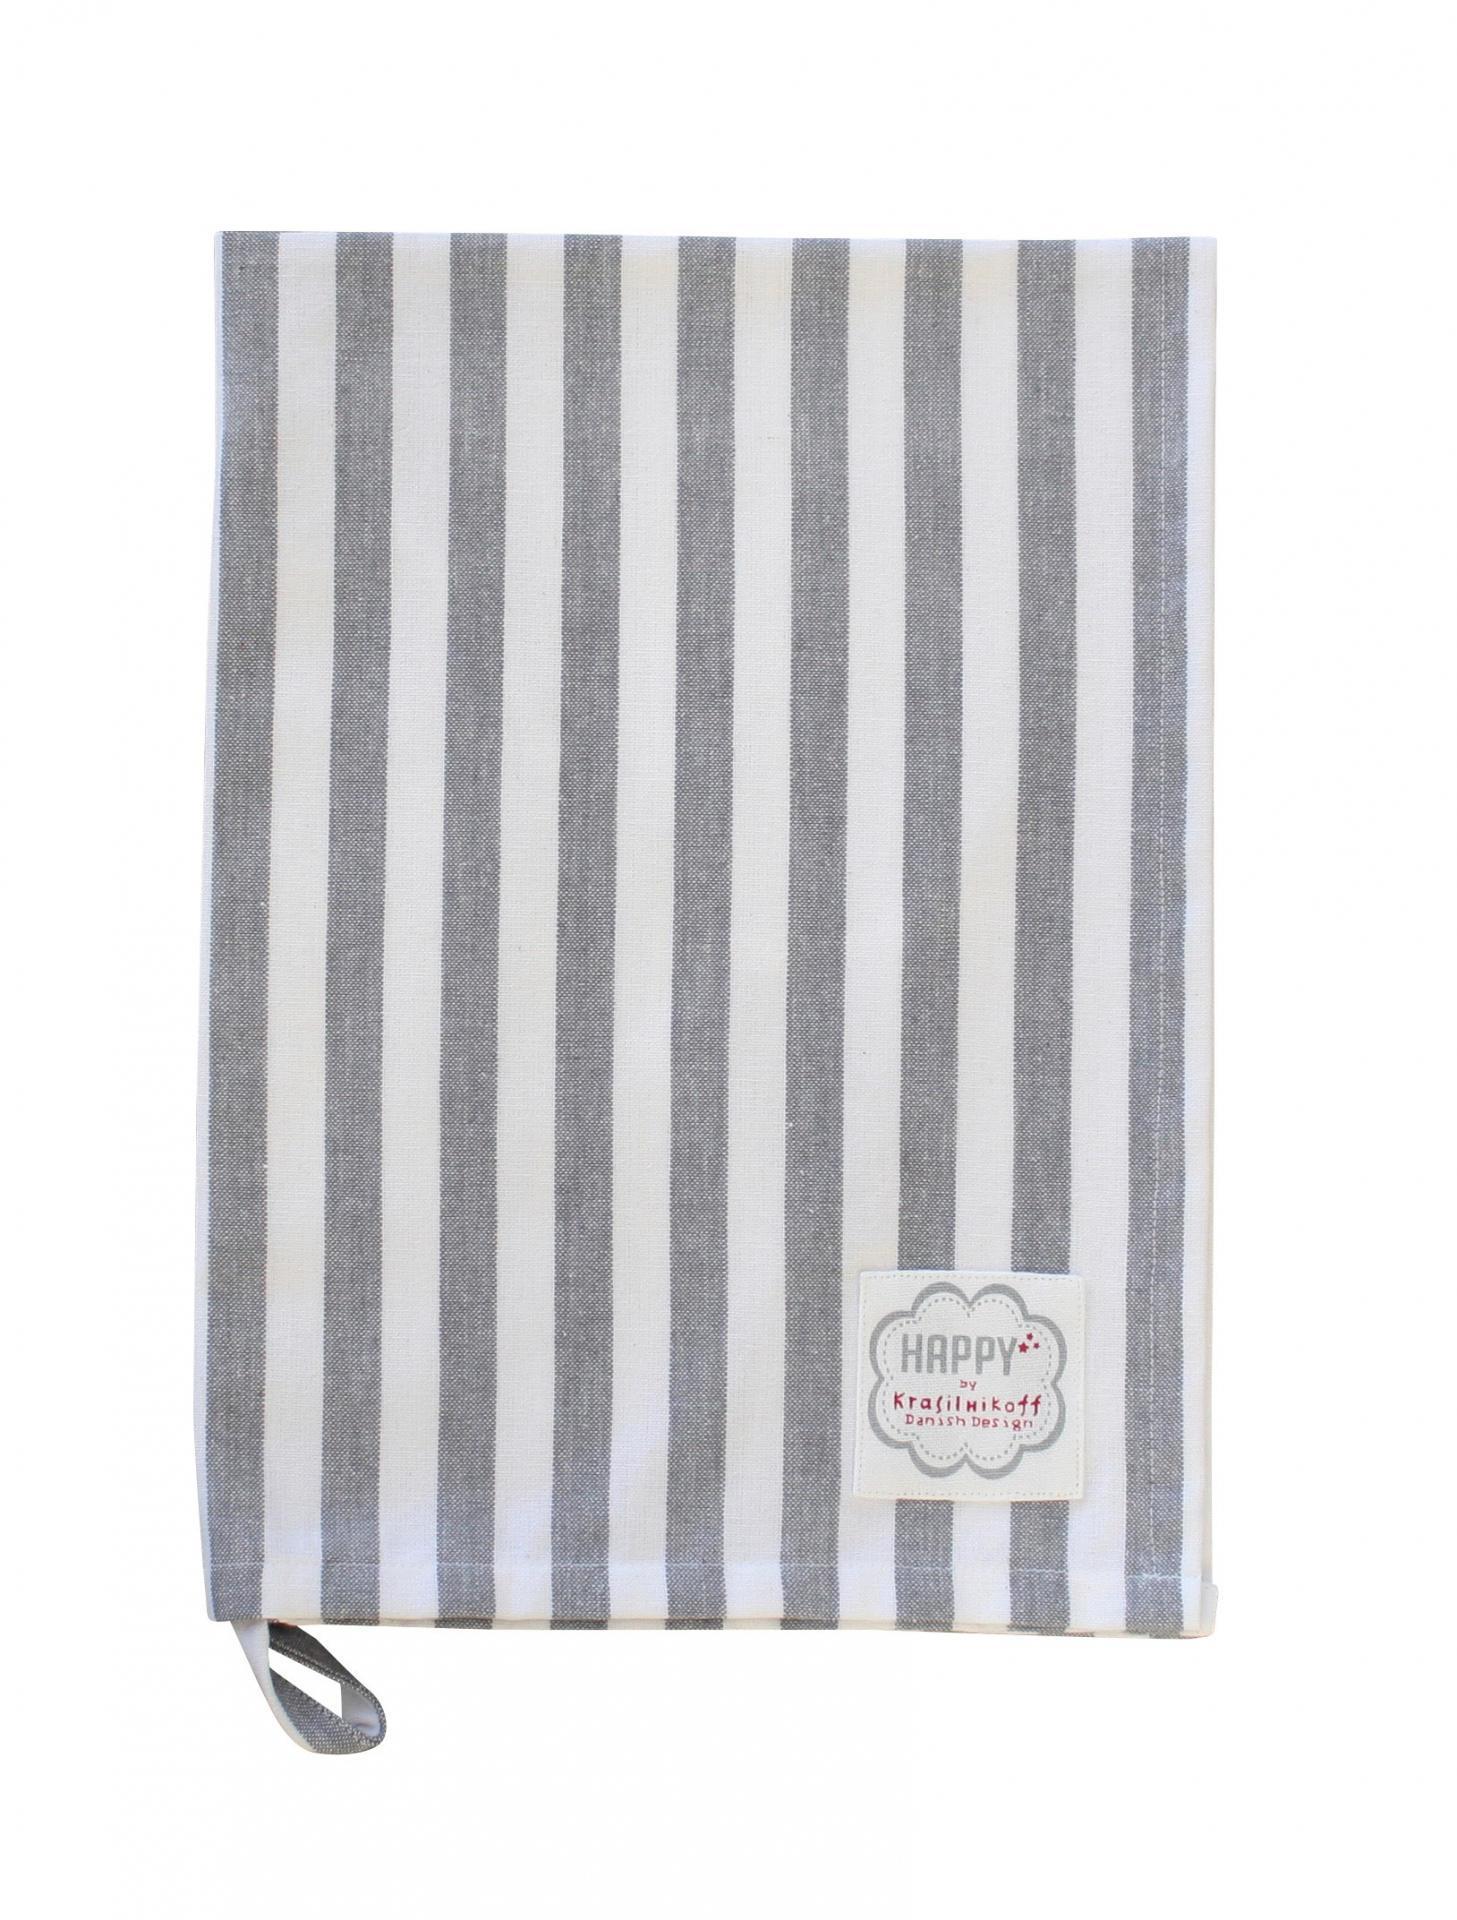 Krasilnikoff Utěrka Charcoal stripes